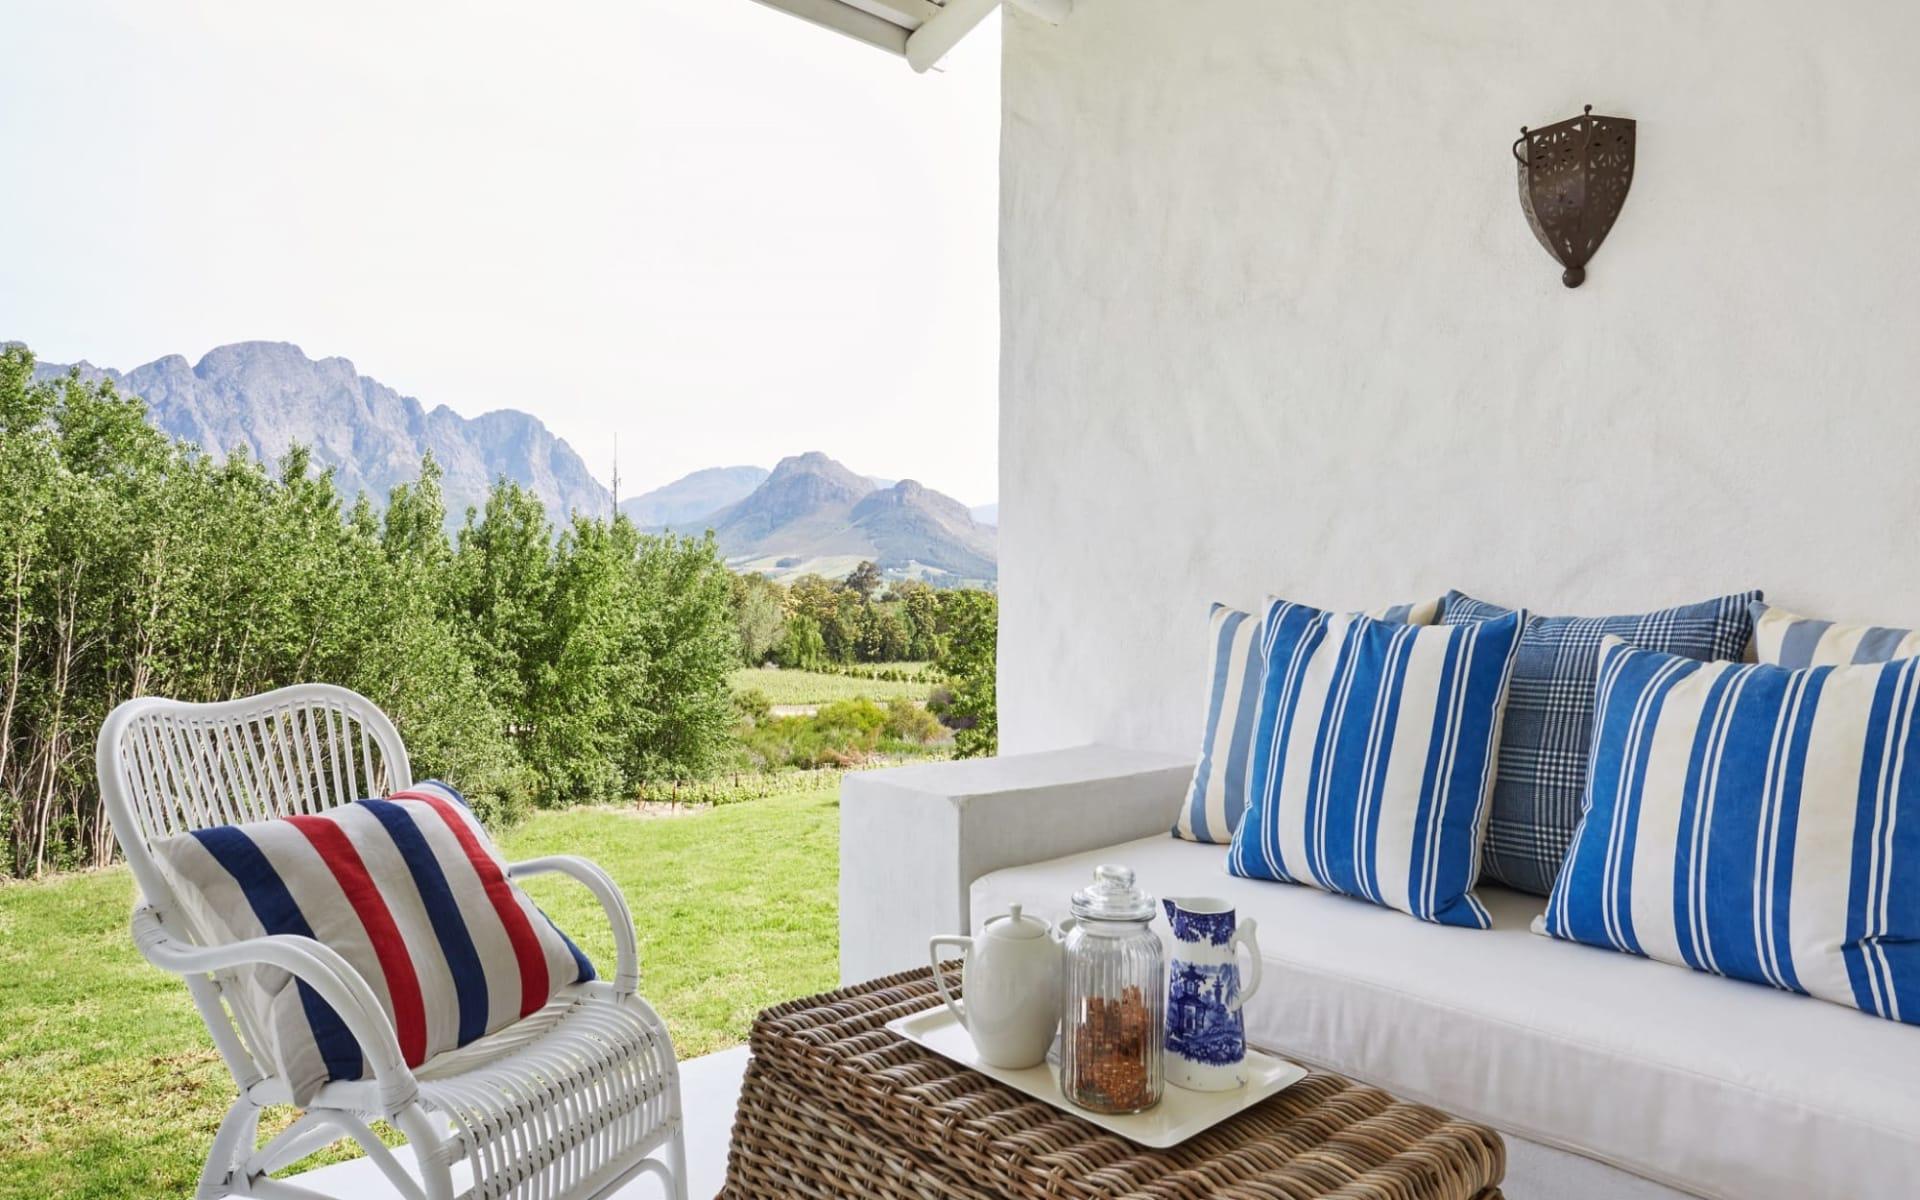 La Cotte Farm in Franschhoek:  La Cotte Farm - Veranda mit Lounge